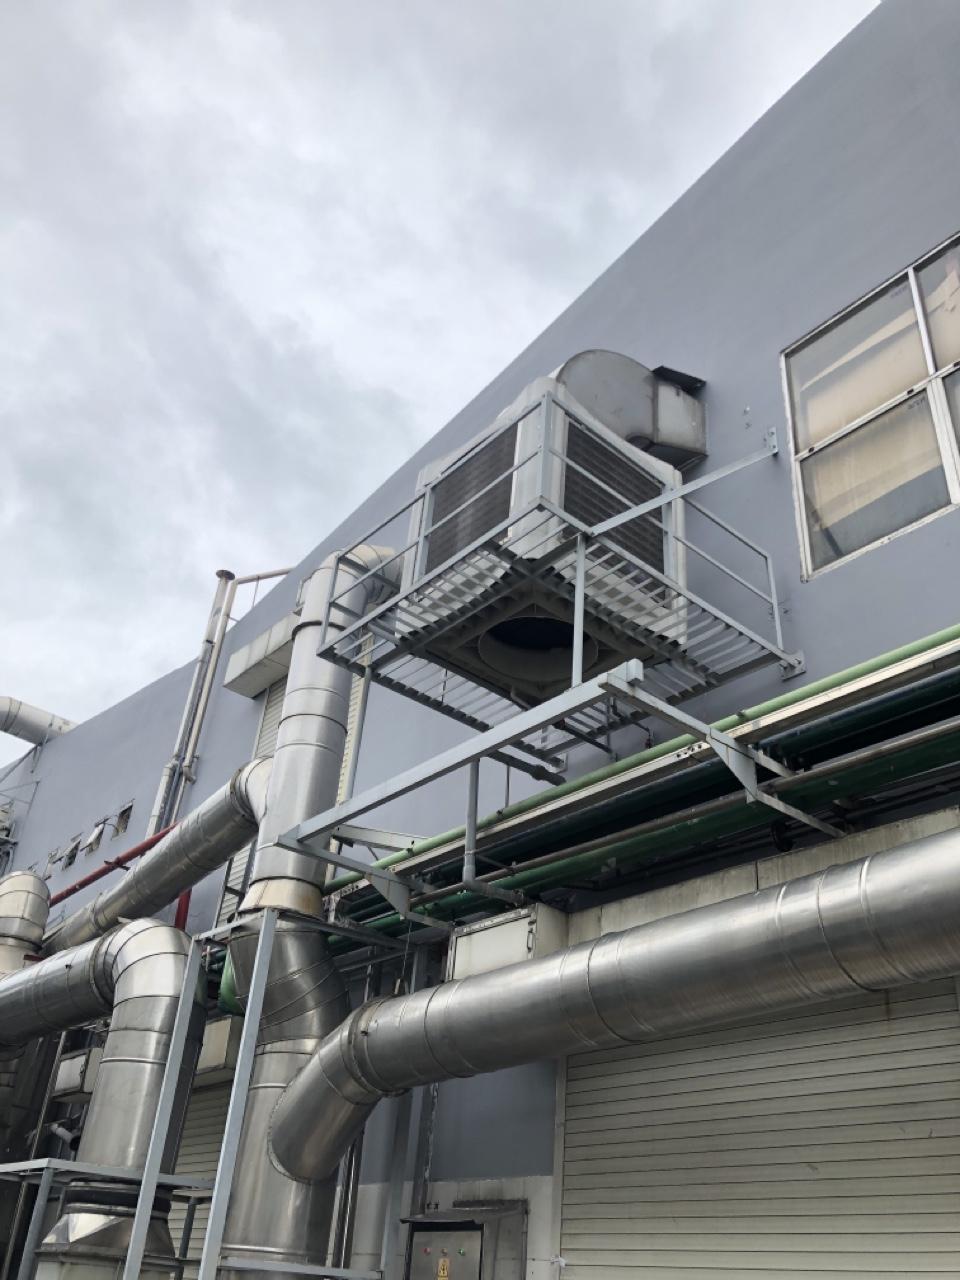 Máy làm mát công nghiệp lắp đặt tại nhà máy công ty Thanh Thủy